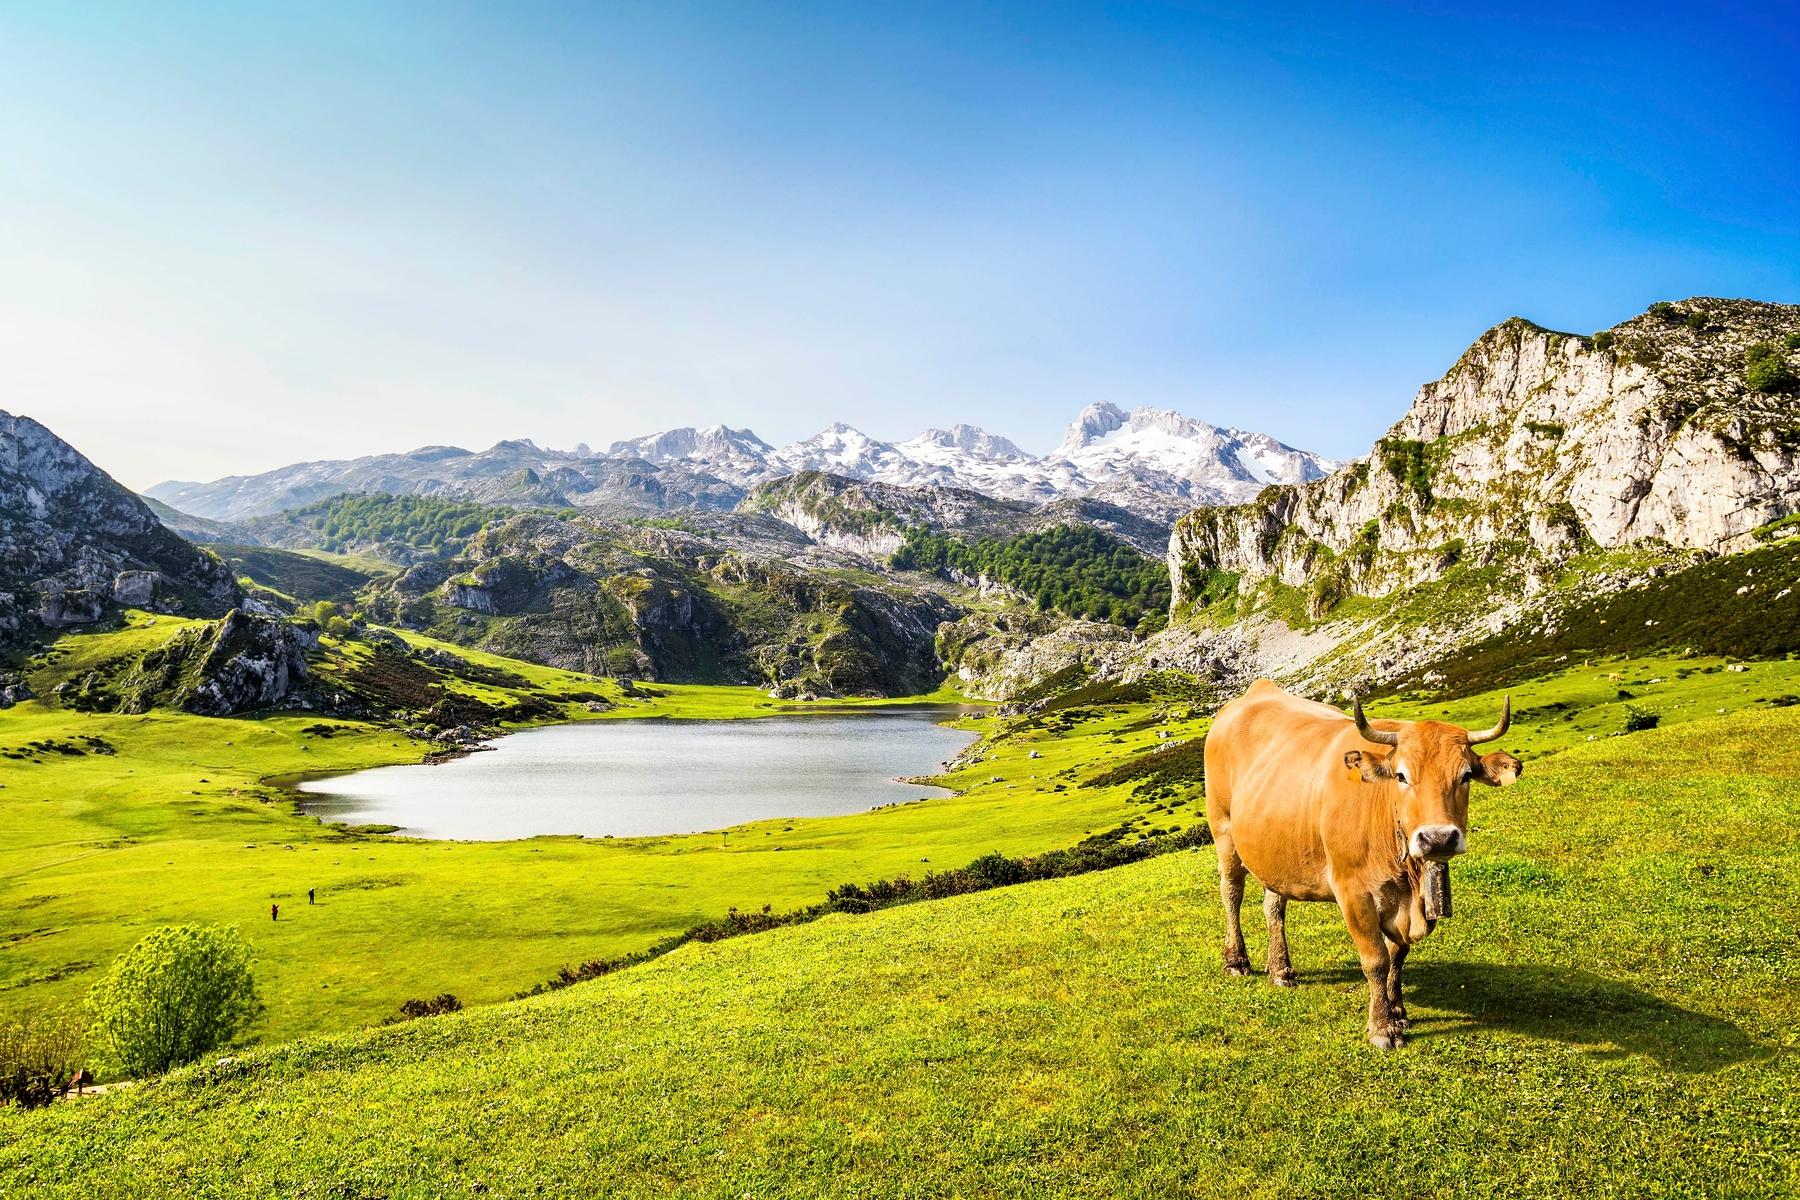 Vacaciones baratas: 17 destinos económicos: Asturias